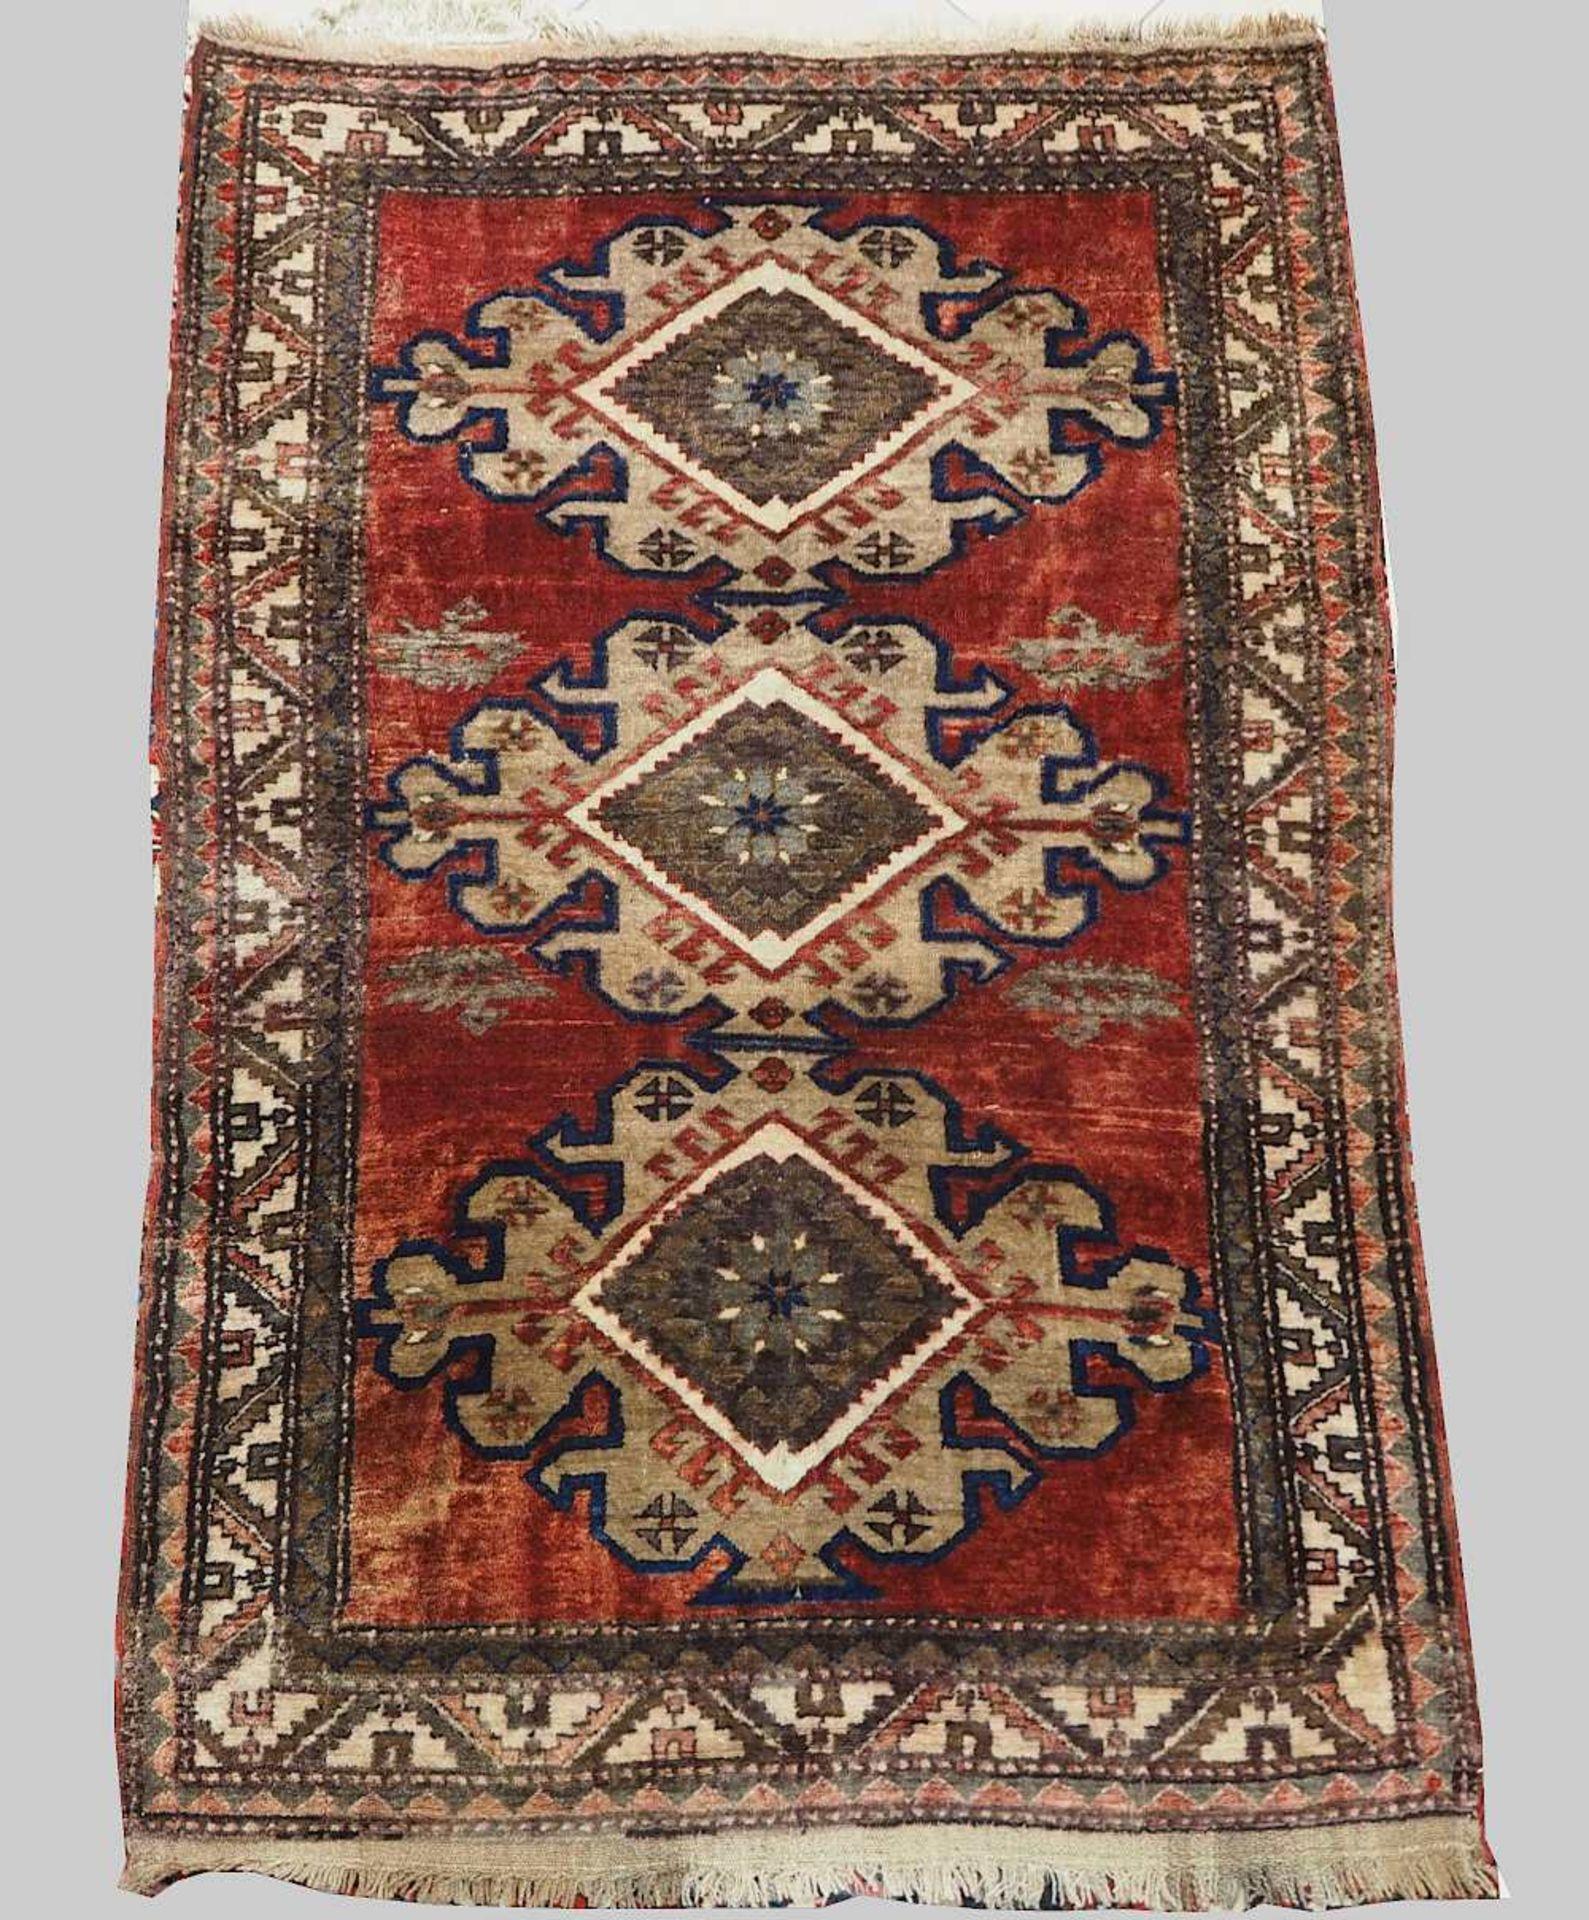 1 Konv. Teppiche 20. Jh.: Mittelfeld beigegrundig, Randbordüre rotgrundig, je florale - Bild 6 aus 7